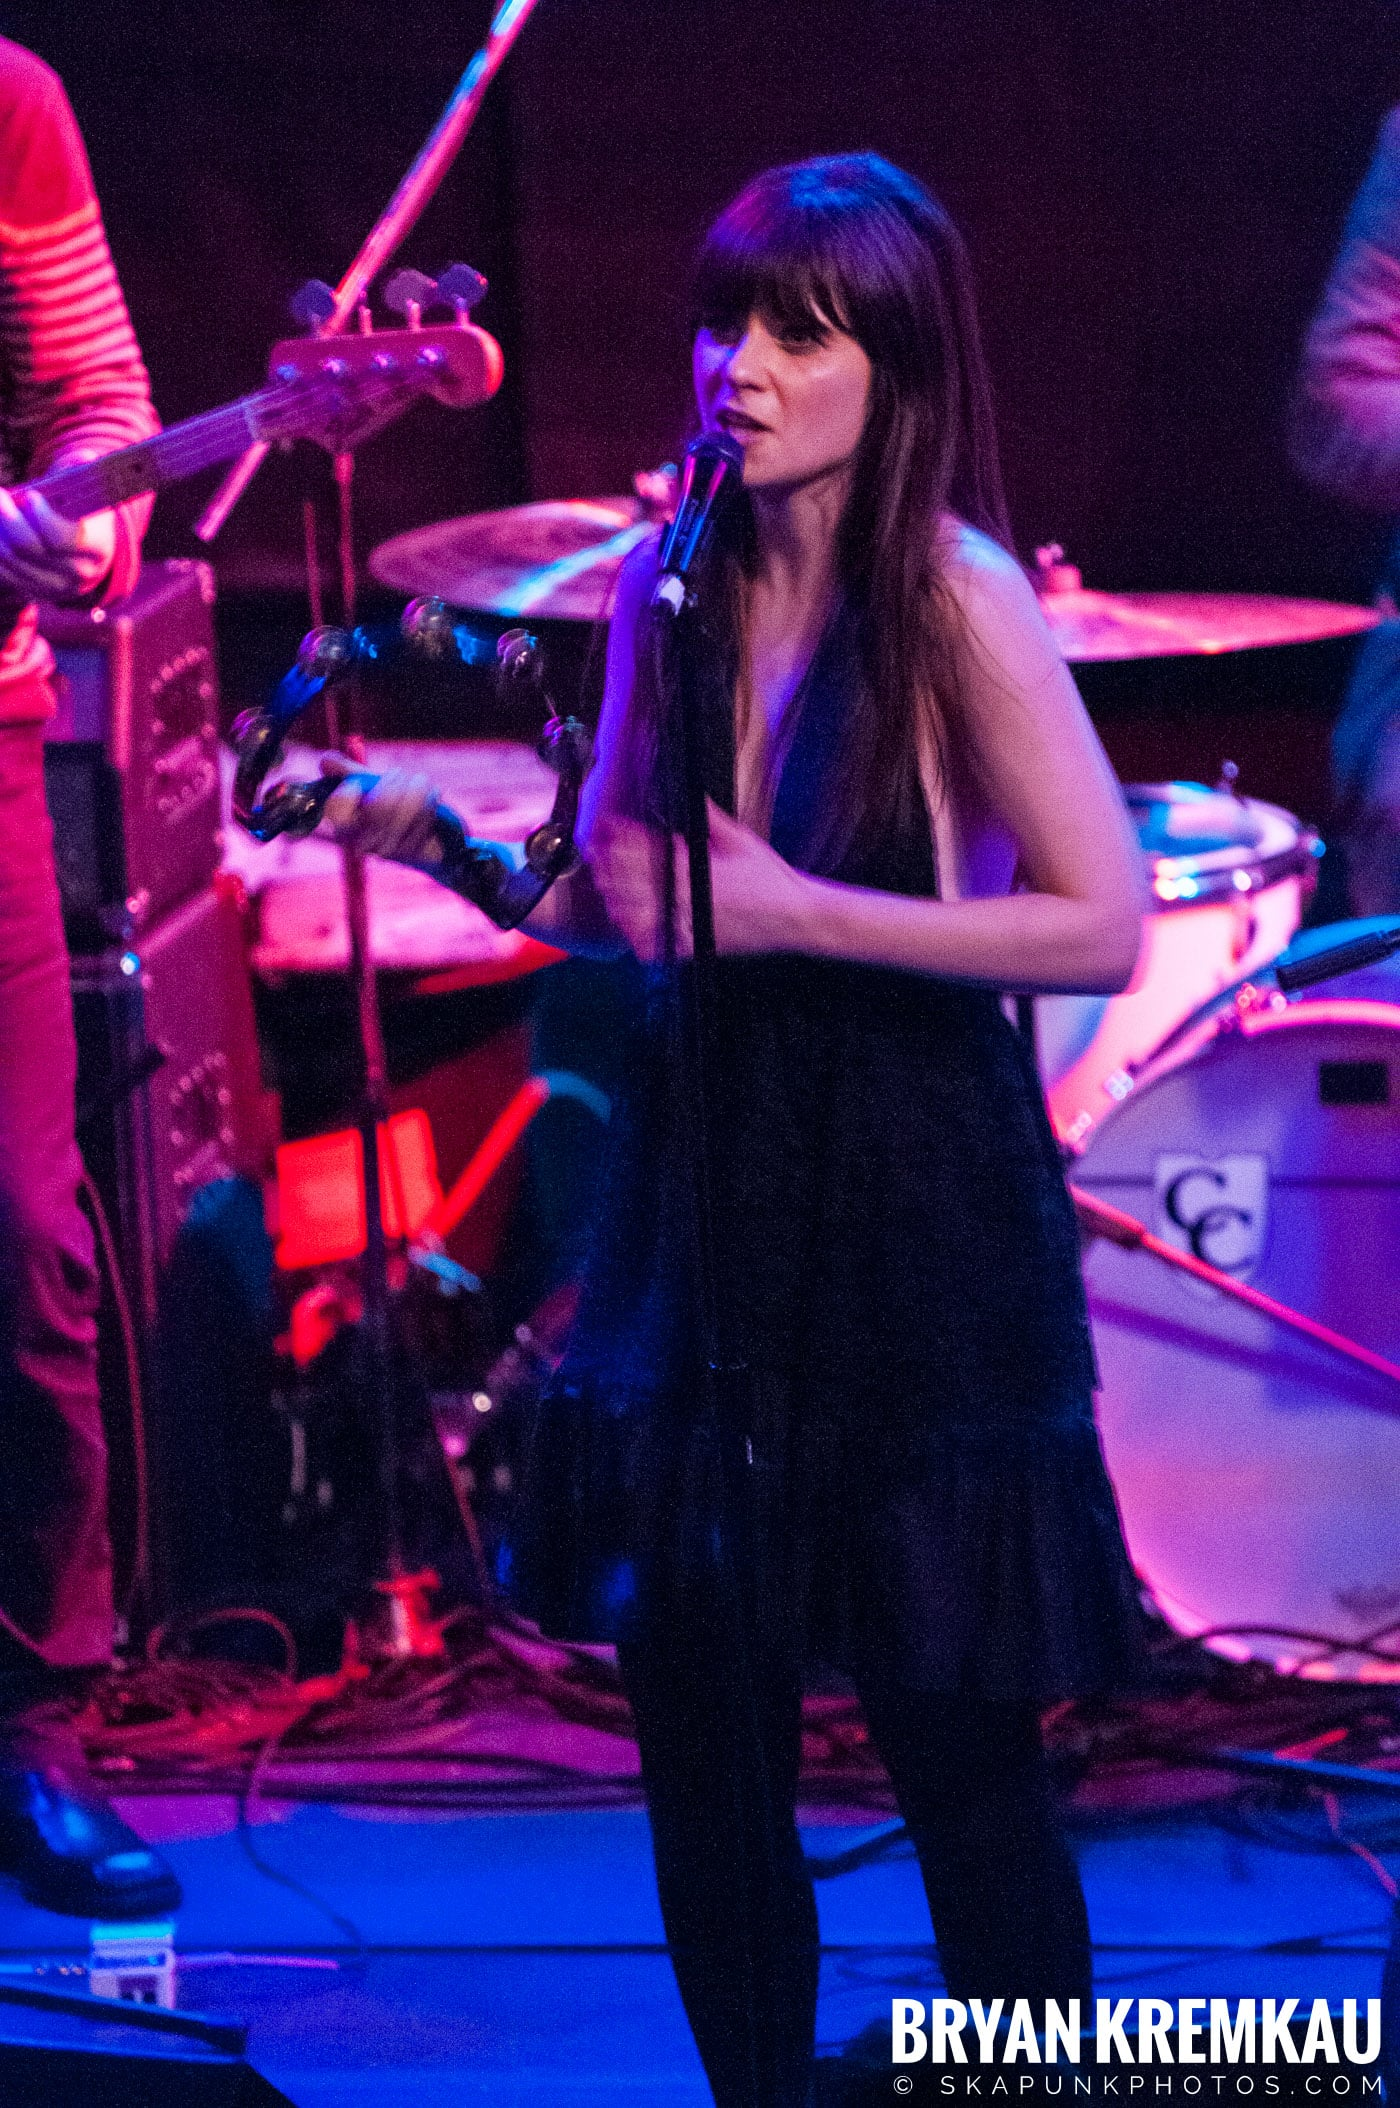 She & Him @ Bowery Ballroom, NYC - 3.29.10 (2)